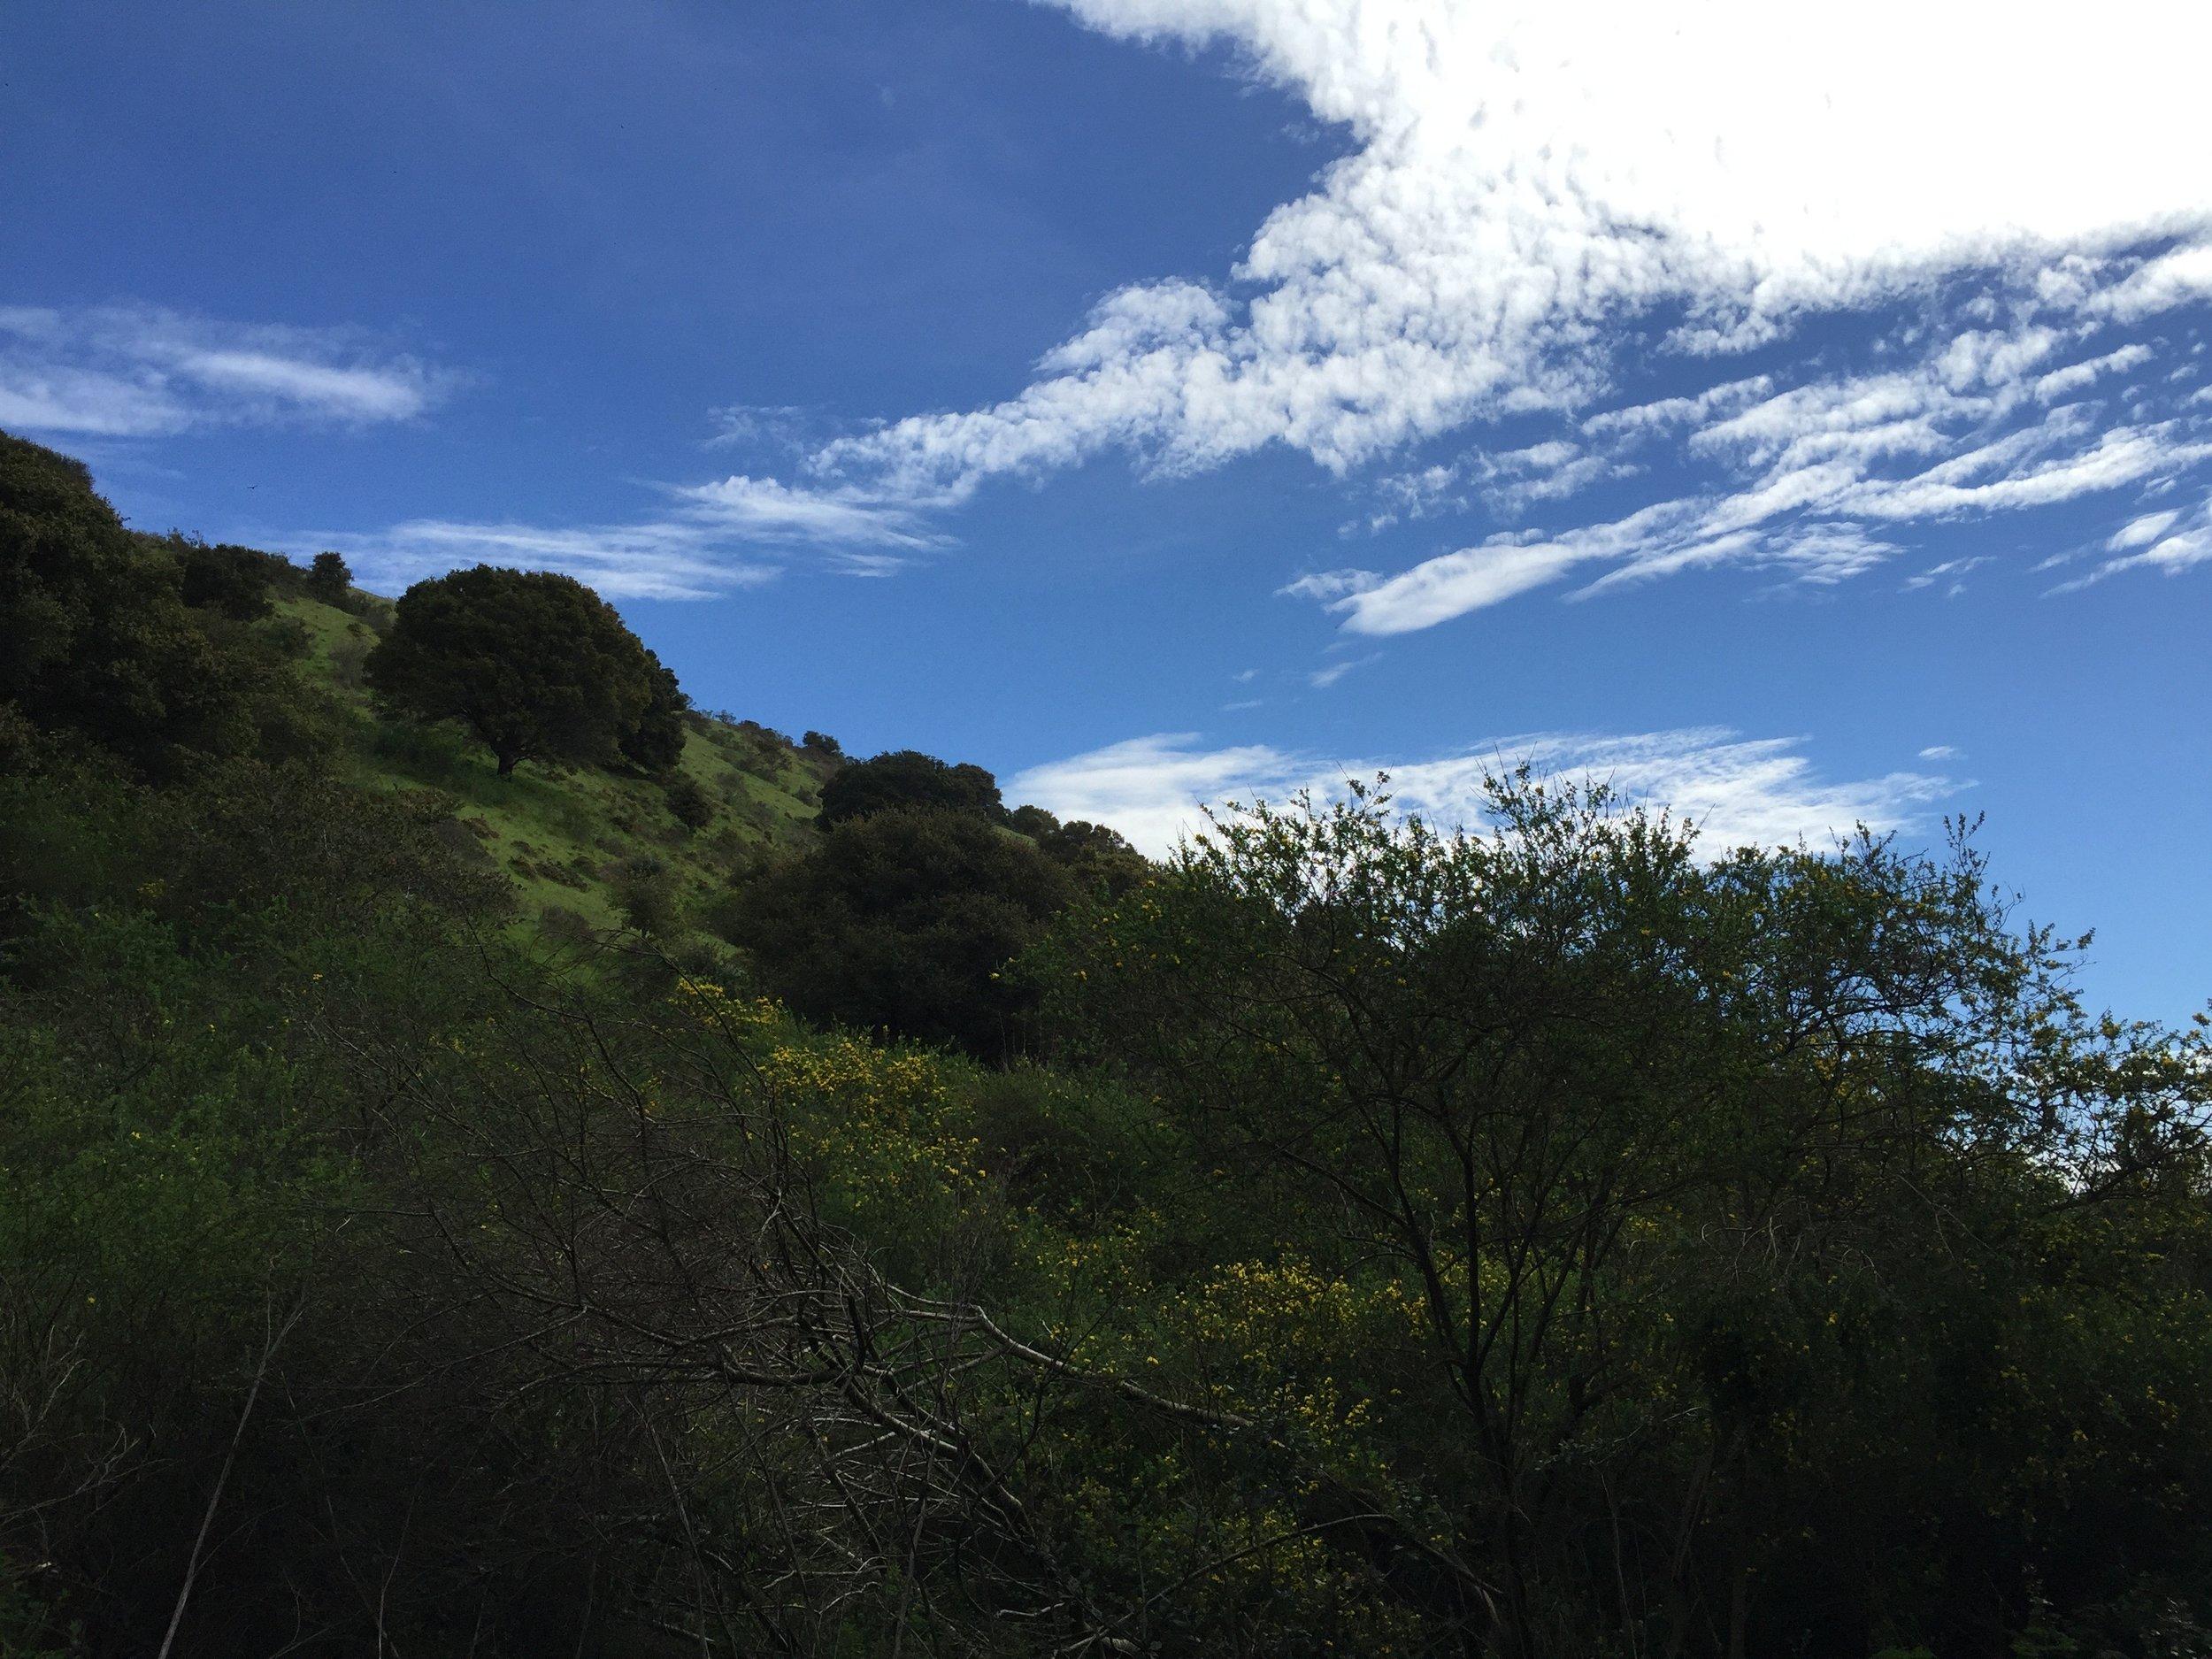 Leona Canyon Regional Park